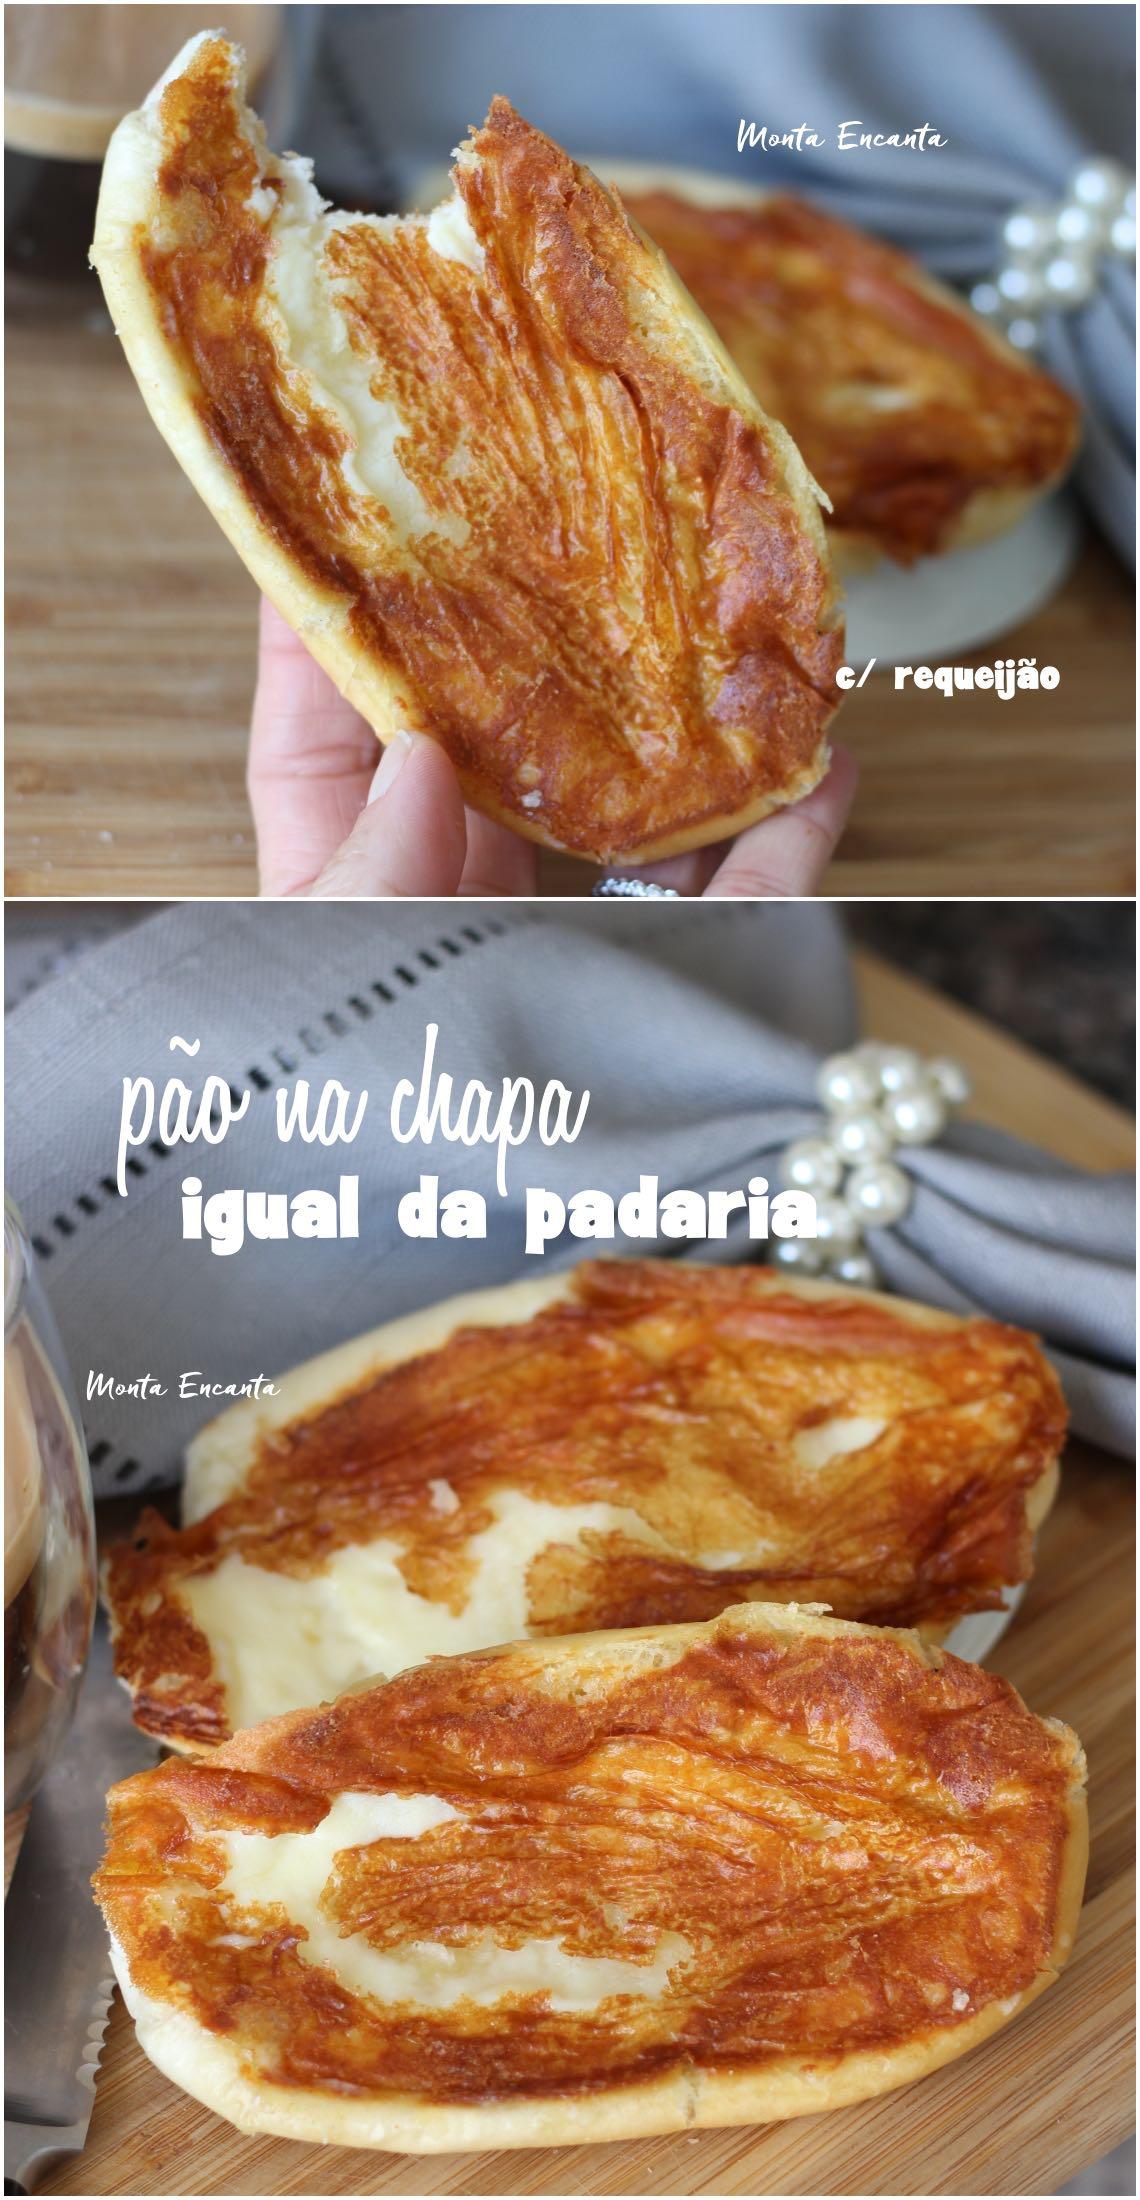 pão na chapa com casquinha de requeijão da padaria